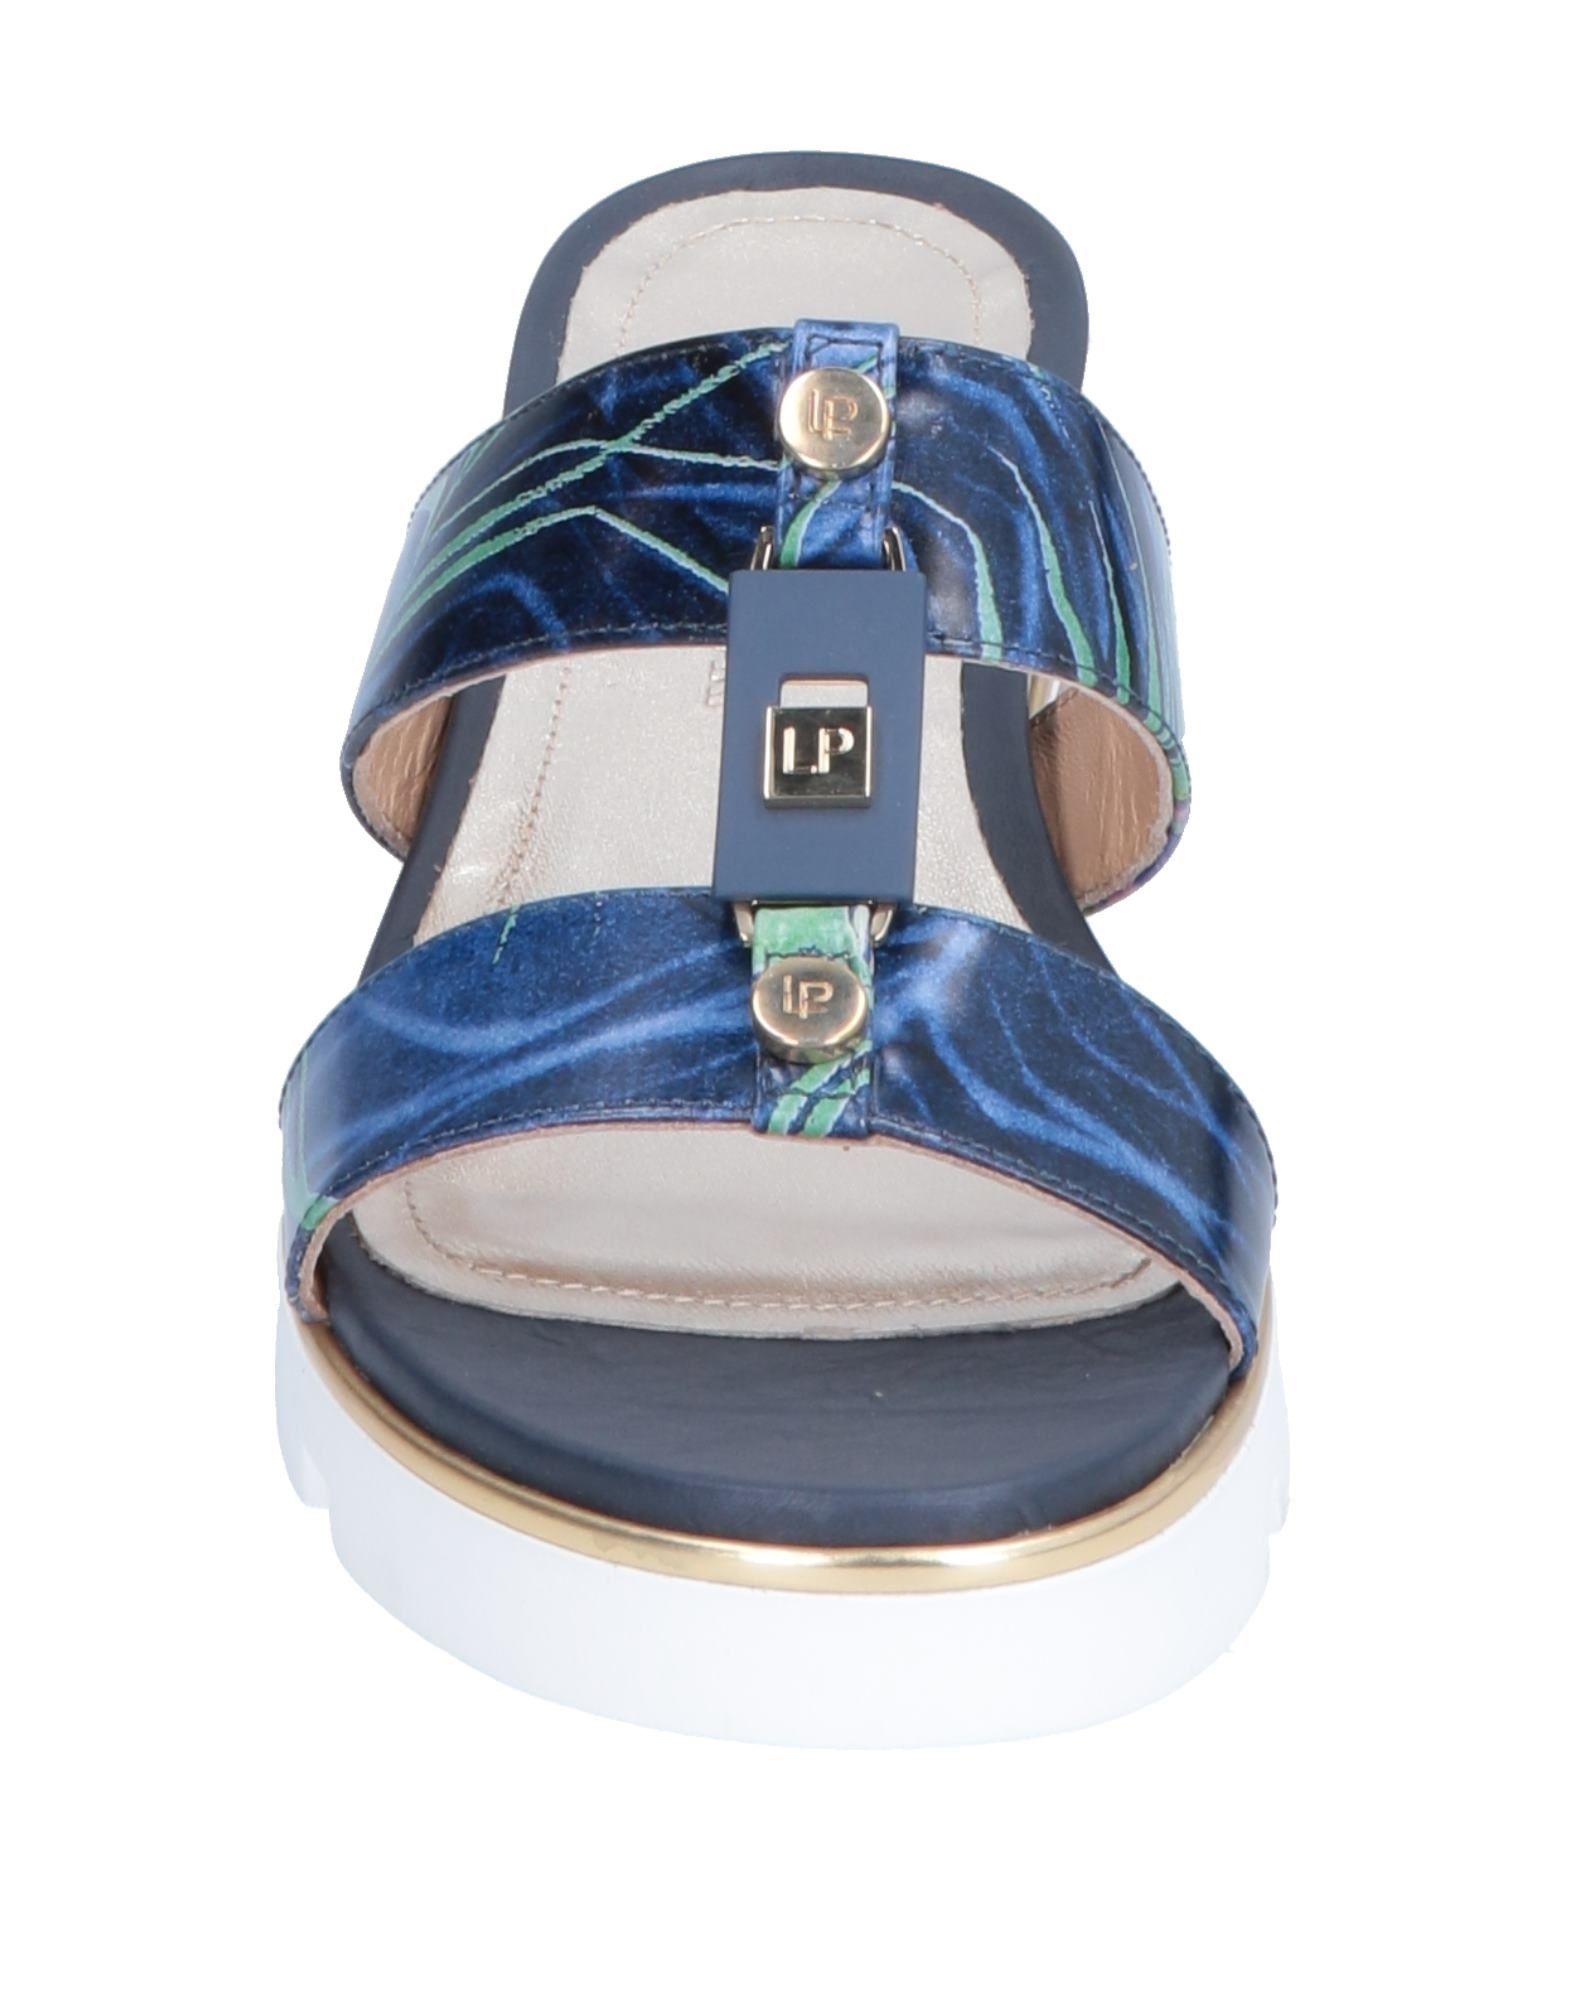 loretta pettinari sandales - femmes loretta pettinari sandales en ligne ligne en le royaume - uni - 11550086jm 4f5f0f